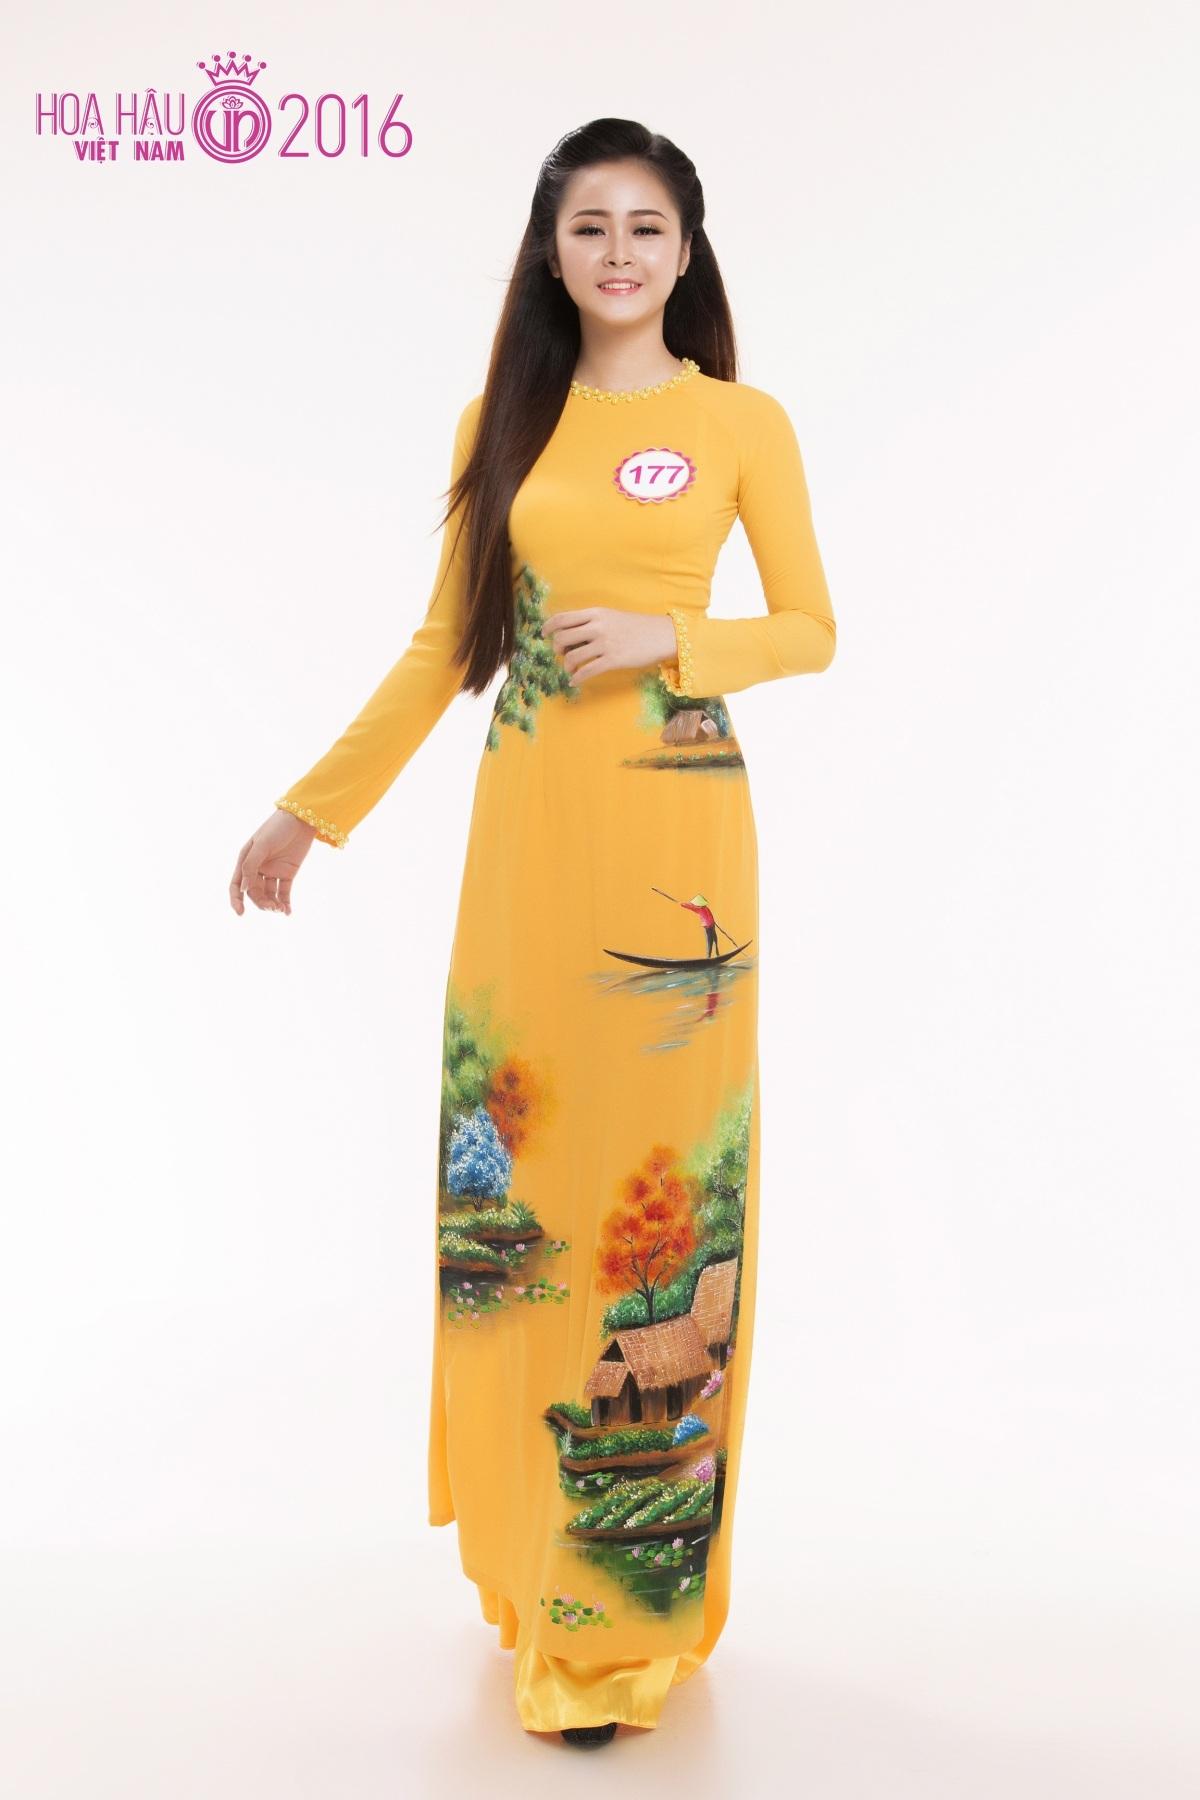 Đặng Thị Nguyệt Tiên